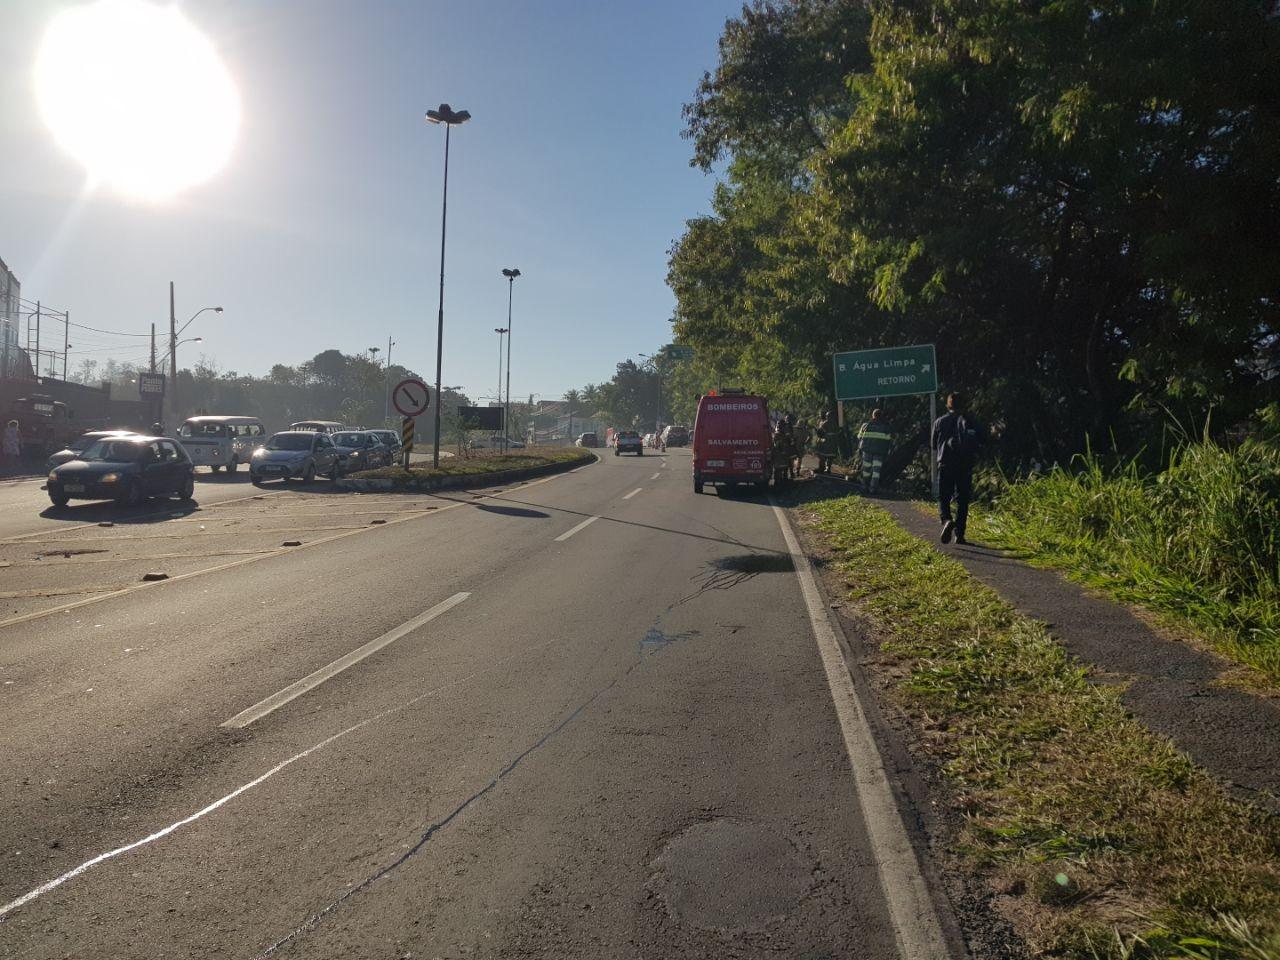 Mulher é atropelada na calçada às margens da BR-393, em Volta Redonda